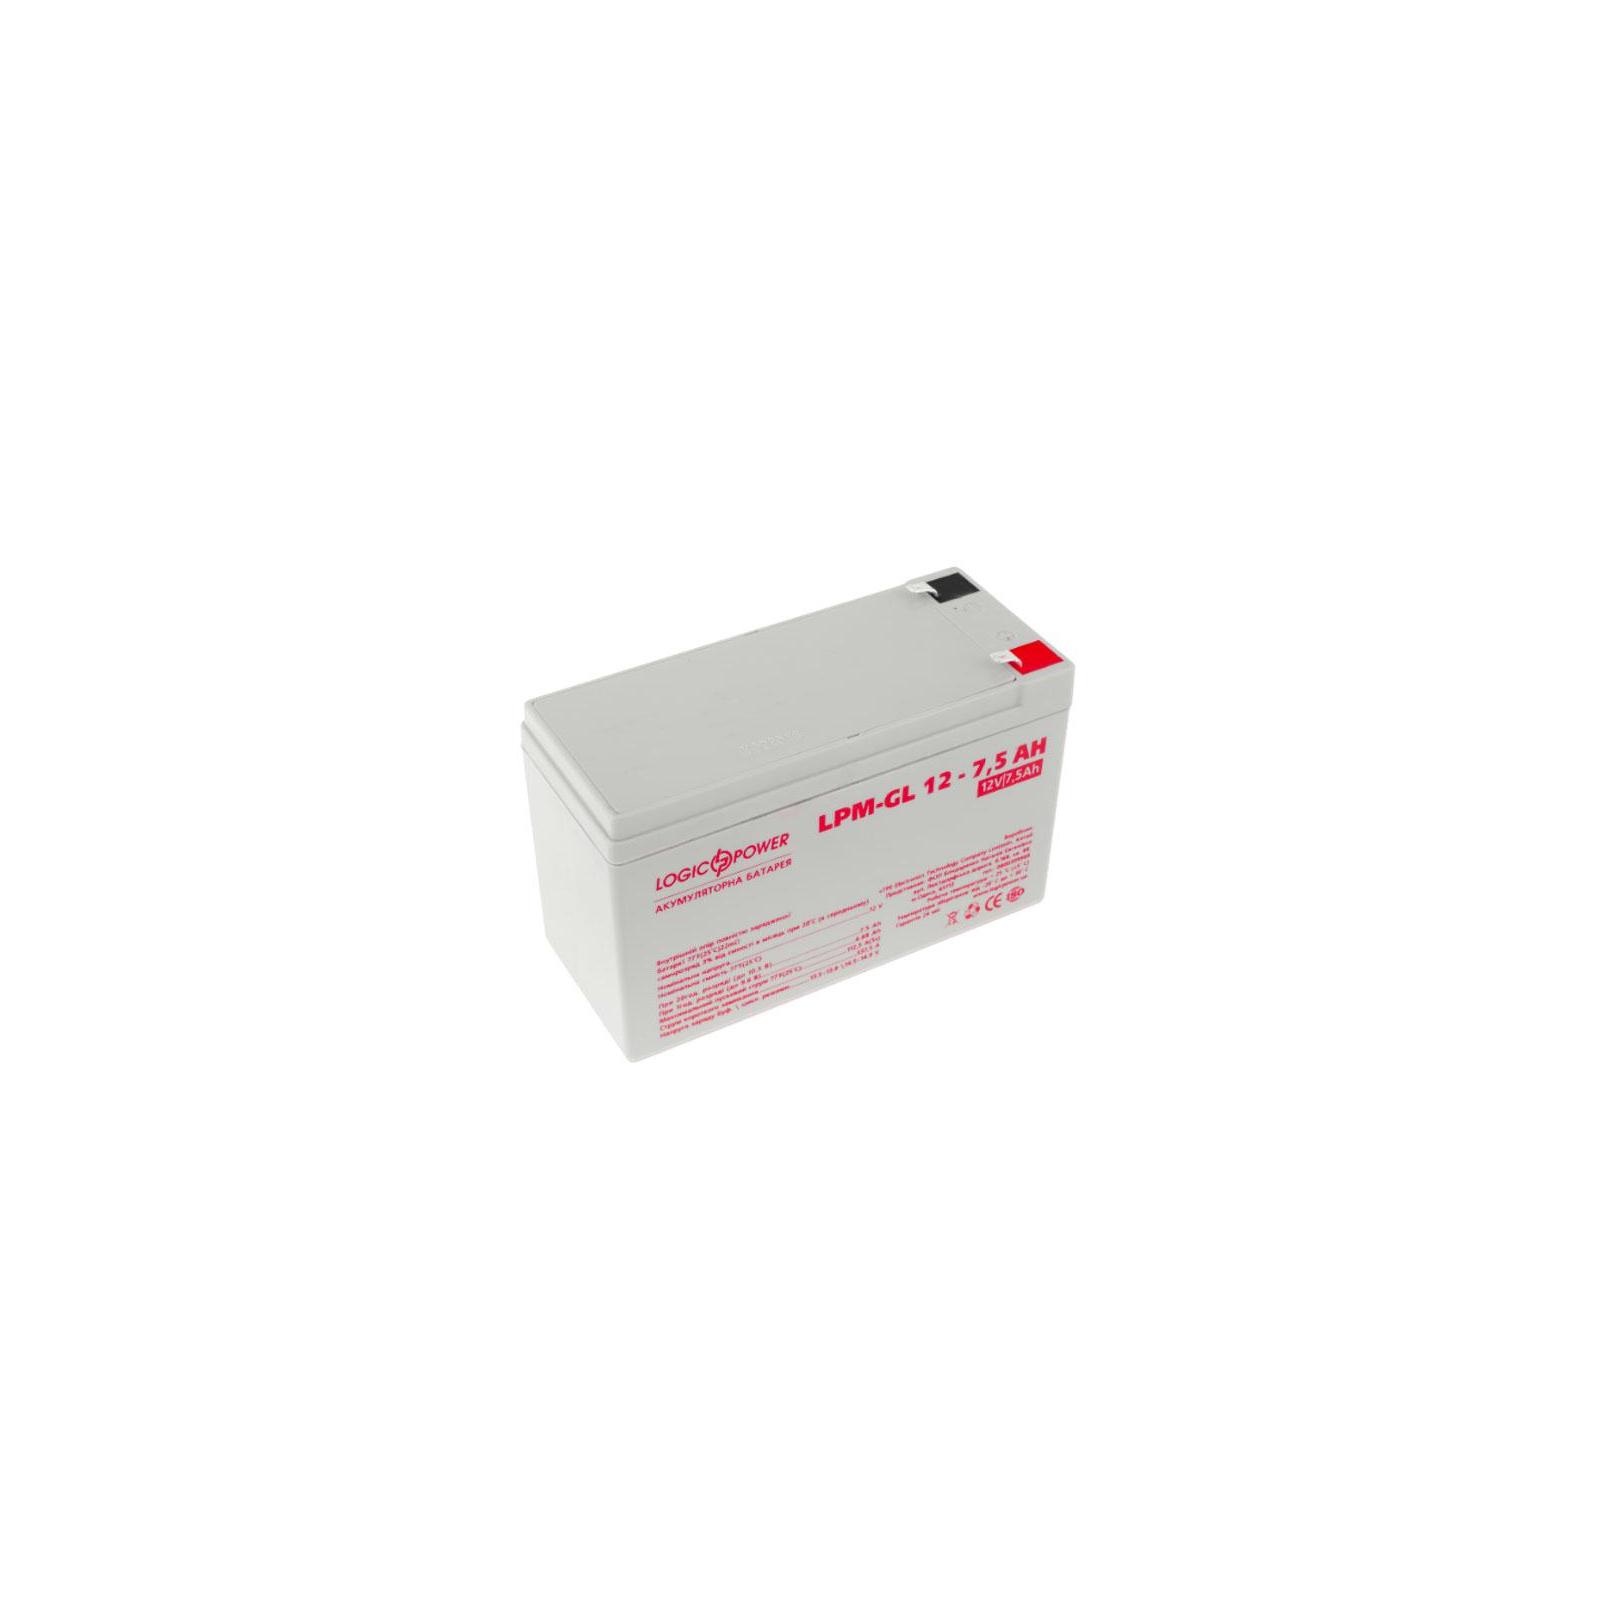 Батарея к ИБП LogicPower LPM-GL 12В 7.5Ач (6562) изображение 2